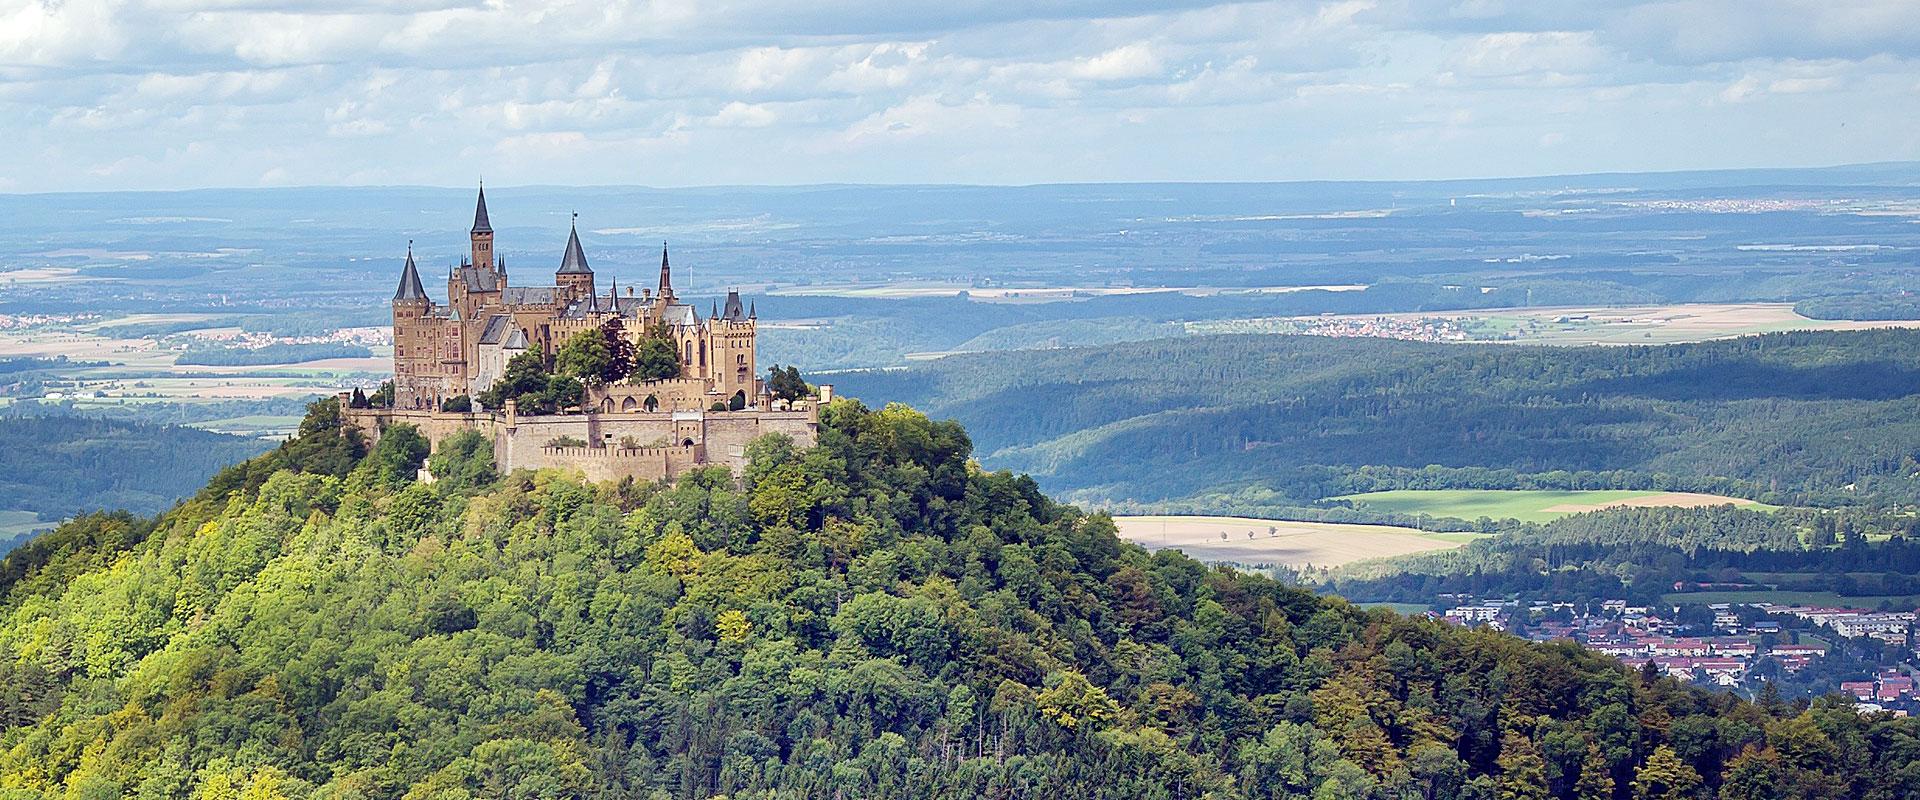 Schwäbische Alb - Burg Hohenzollern